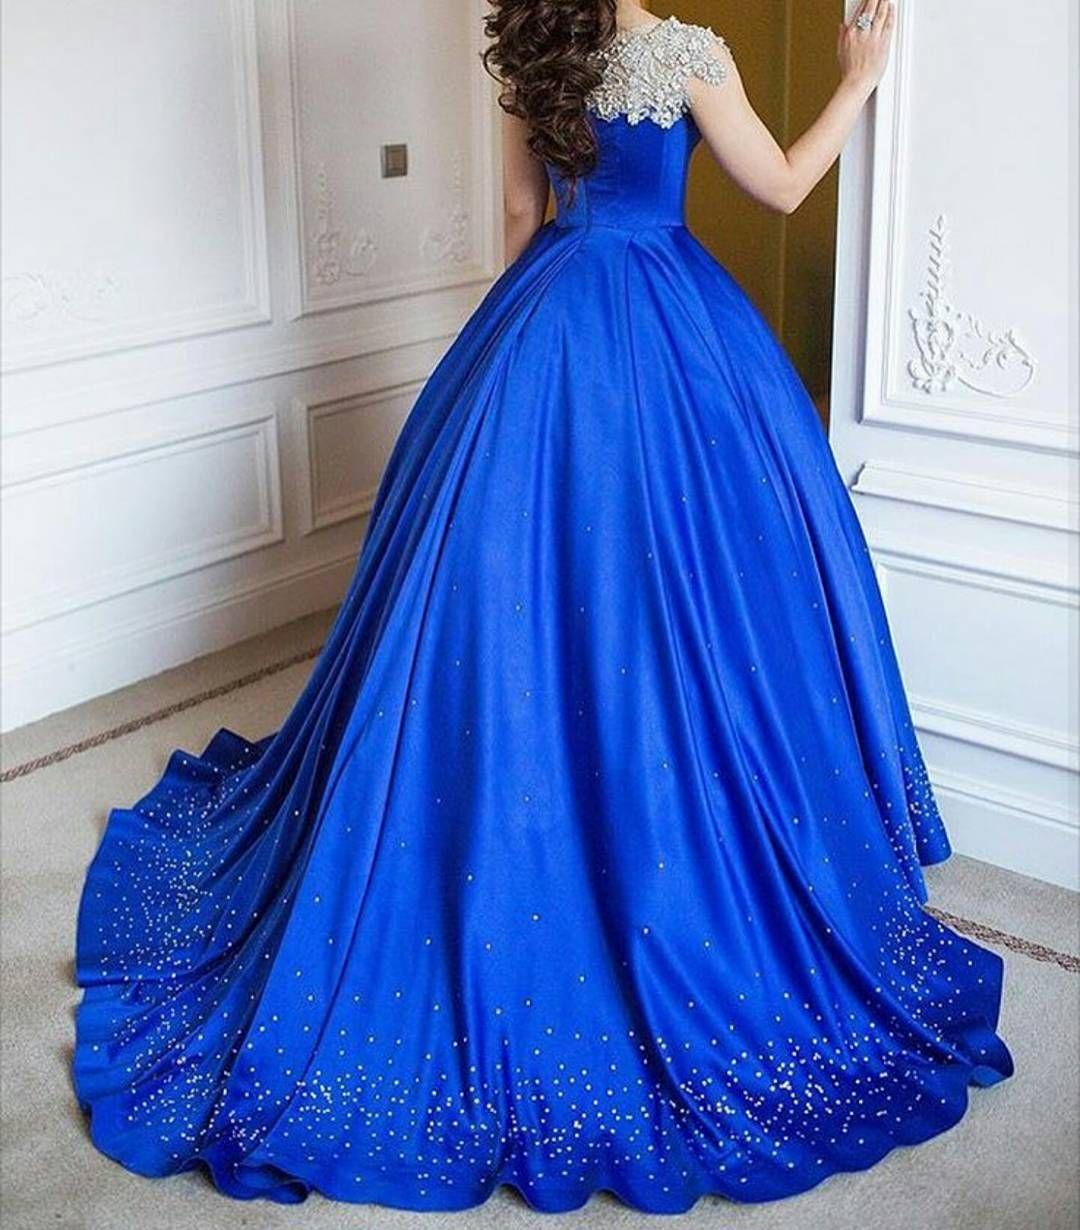 caf8778f5845 Short Dresses For A Masquerade Ball | Saddha